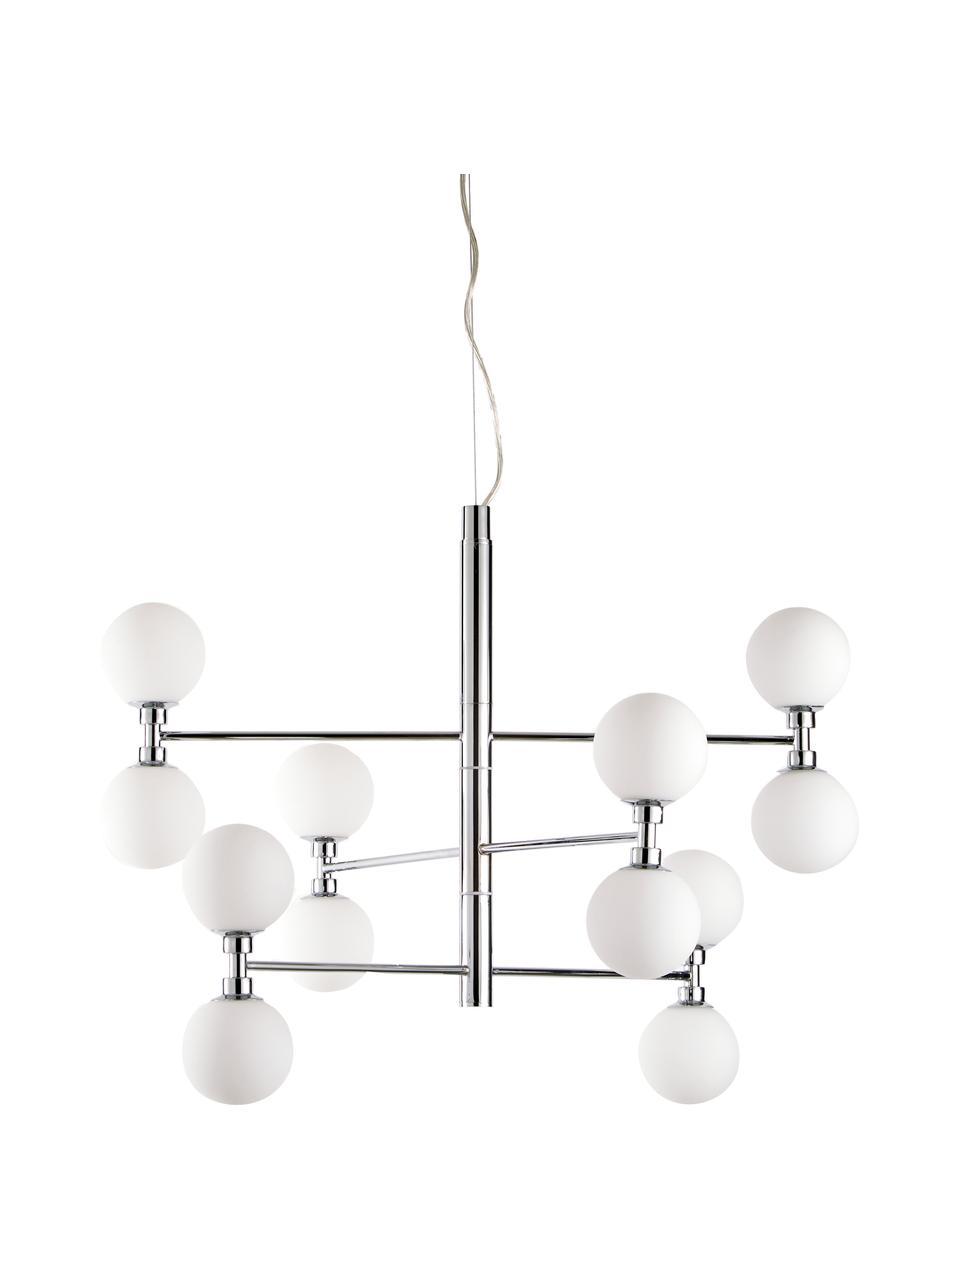 Lampada a sospensione con sfere in vetro Grover, Baldacchino: metallo cromato, Paralume: vetro opale, Cromo, Ø 70 x Alt. 56 cm